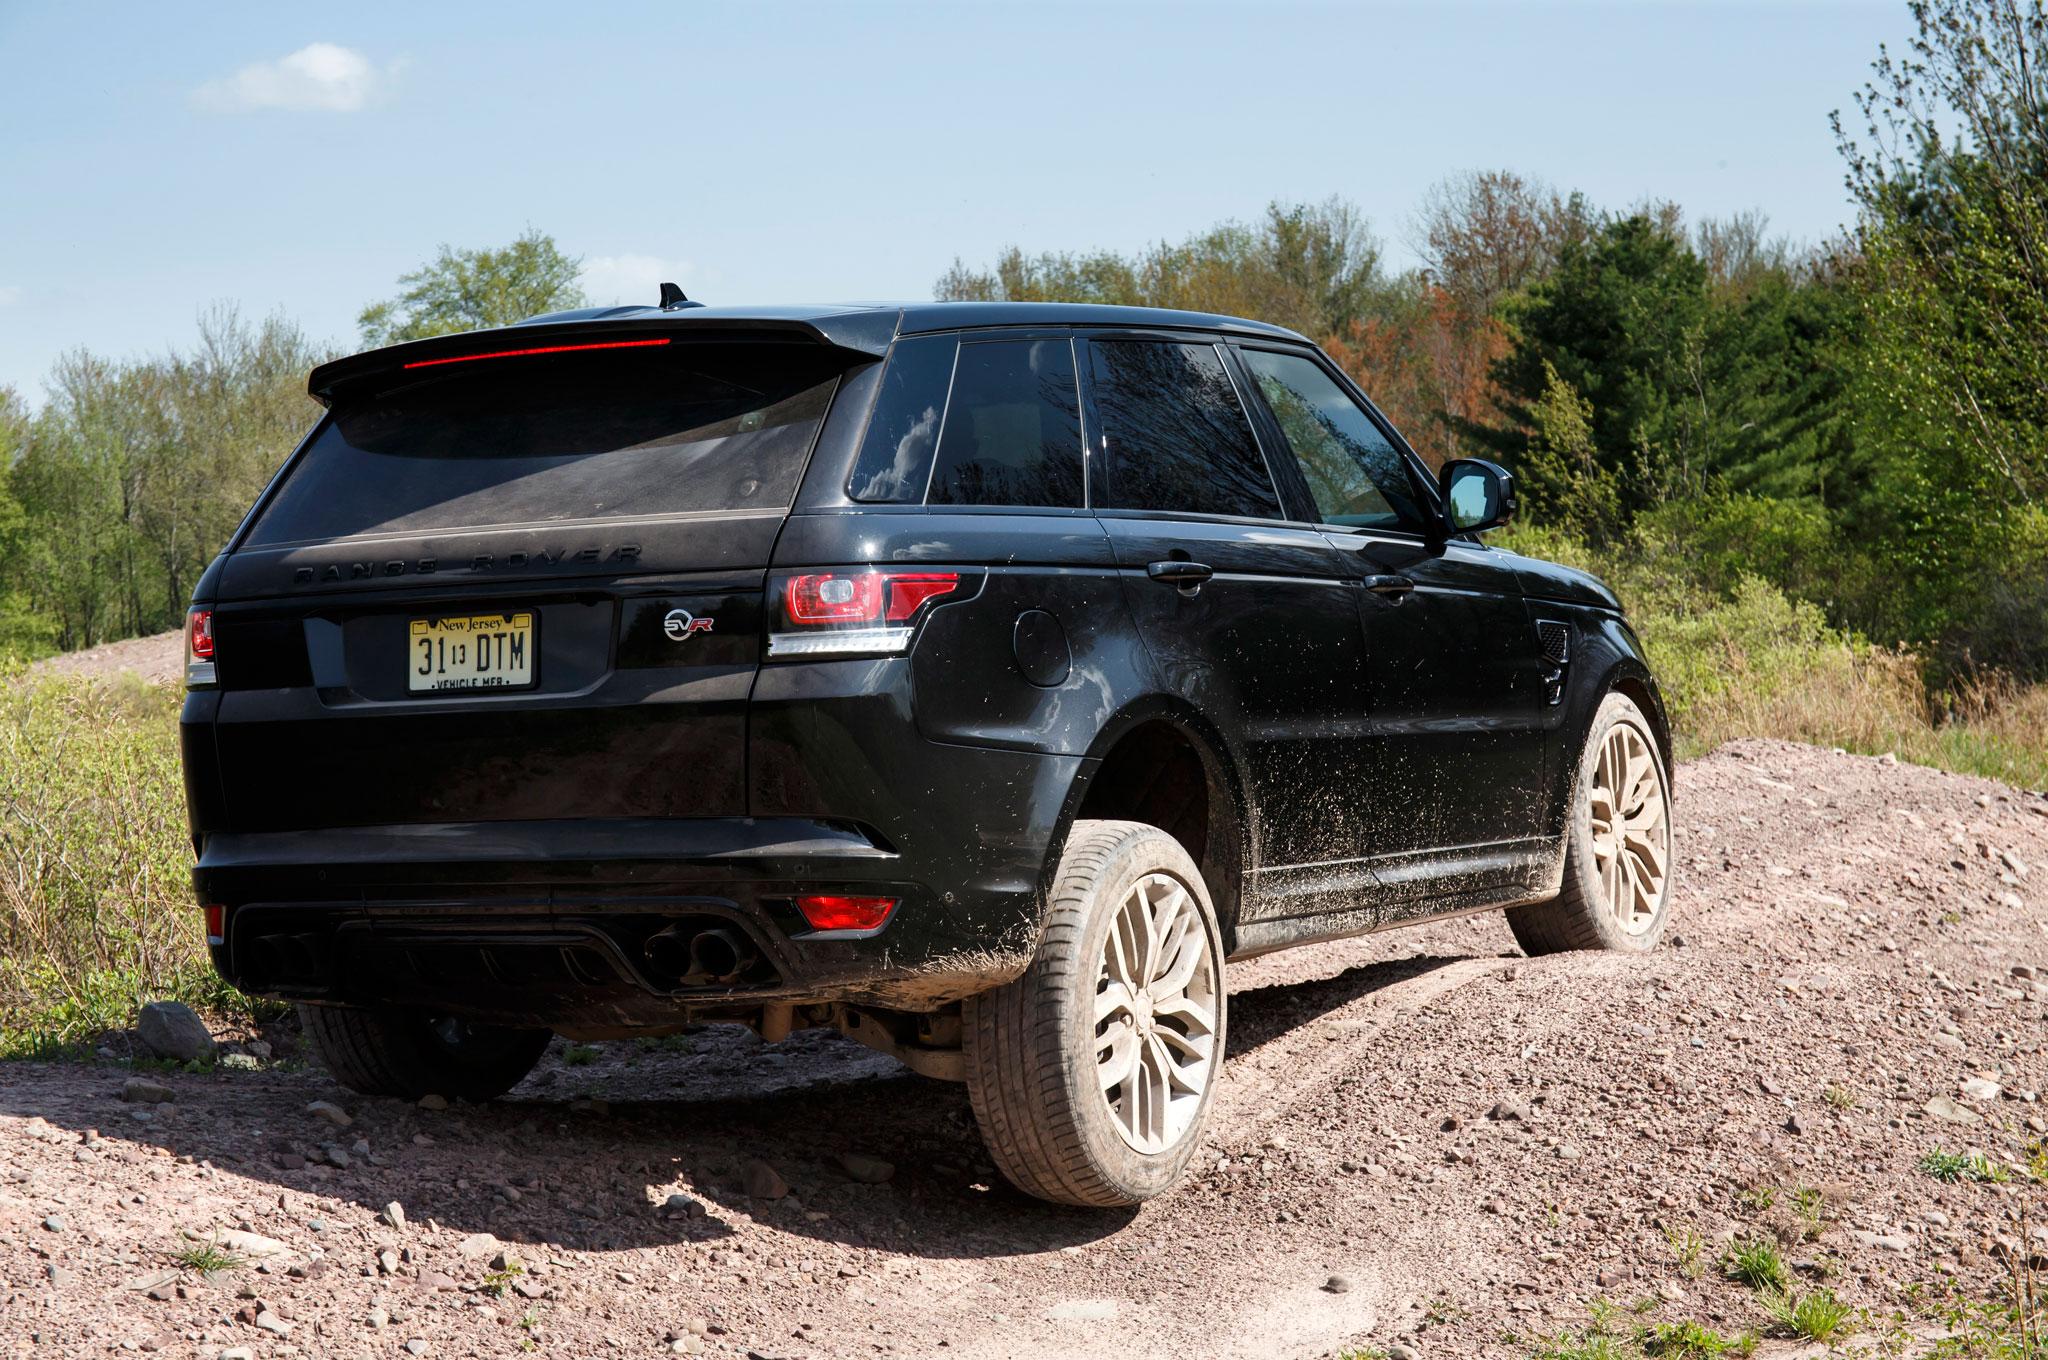 2015 land rover range rover sport svr review automobile. Black Bedroom Furniture Sets. Home Design Ideas